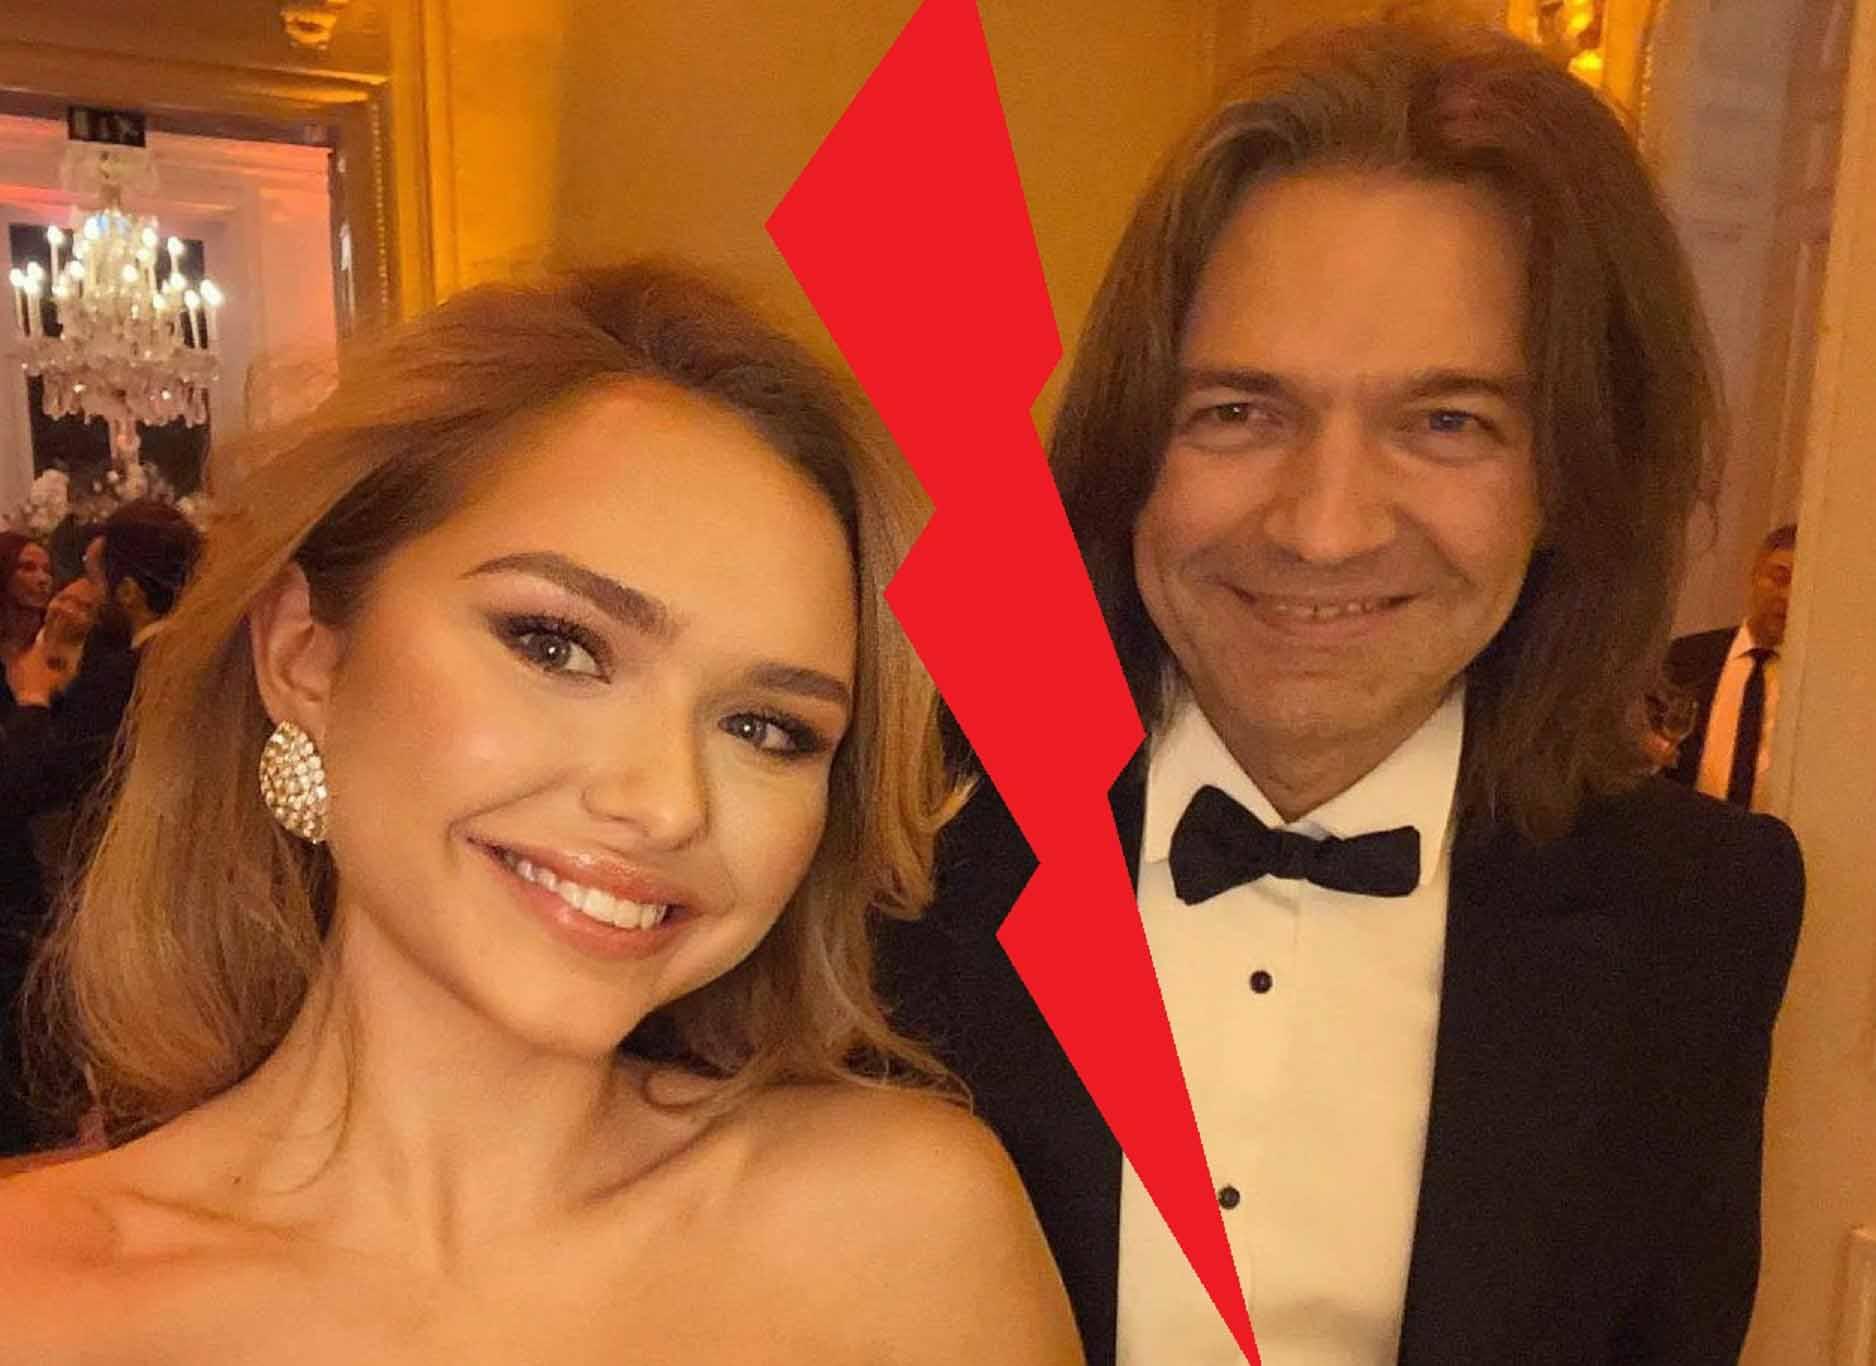 Стыд и увольнение. Как 20-летняя дочь Маликова «предала» своего звездного отца?